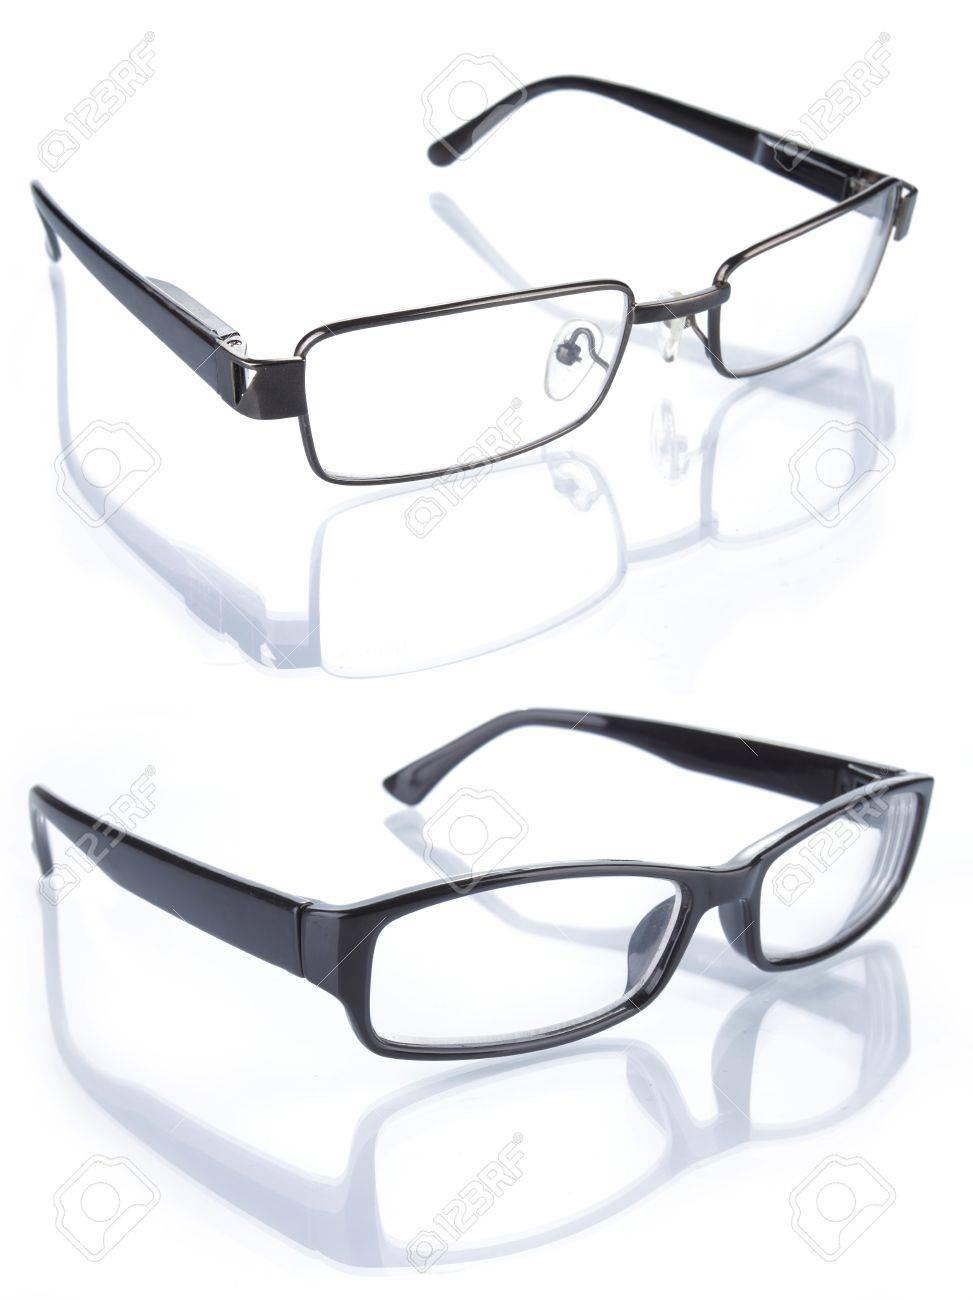 set of glasses isolated on white background Stock Photo - 9899699